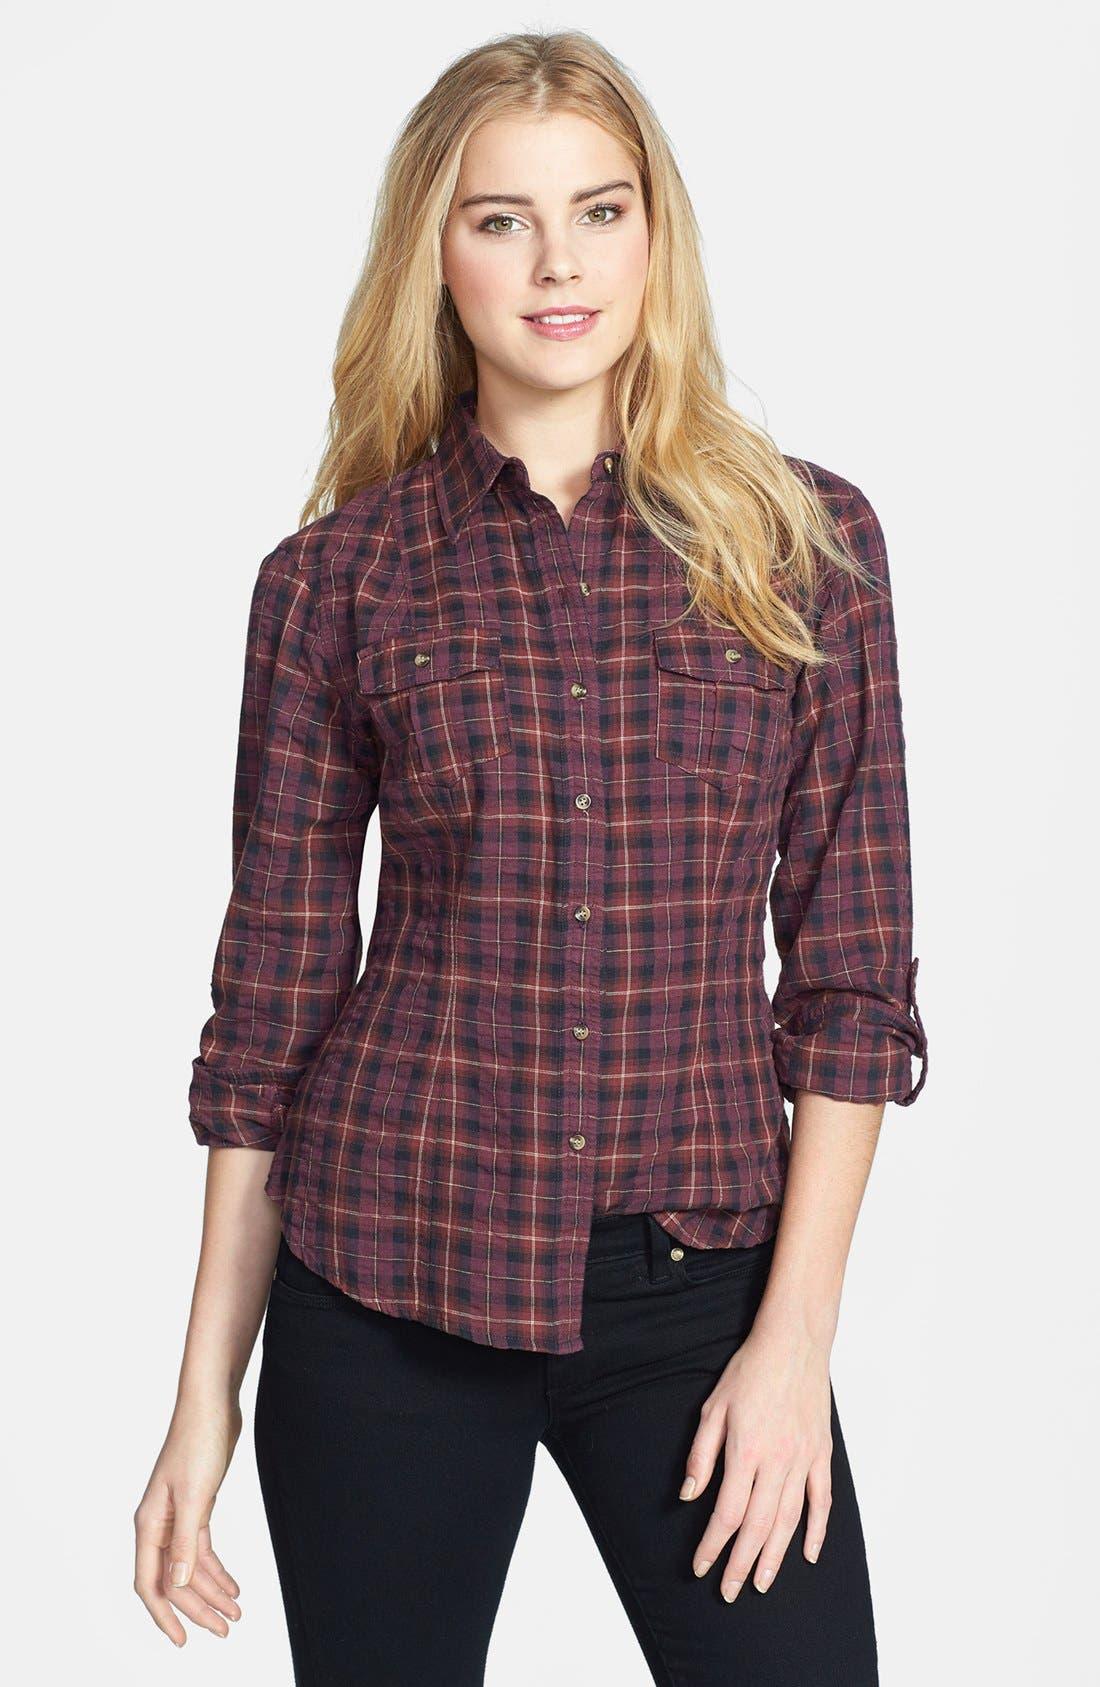 Alternate Image 1 Selected - Sandra Ingrish Brushed Twill Tartan Shirt